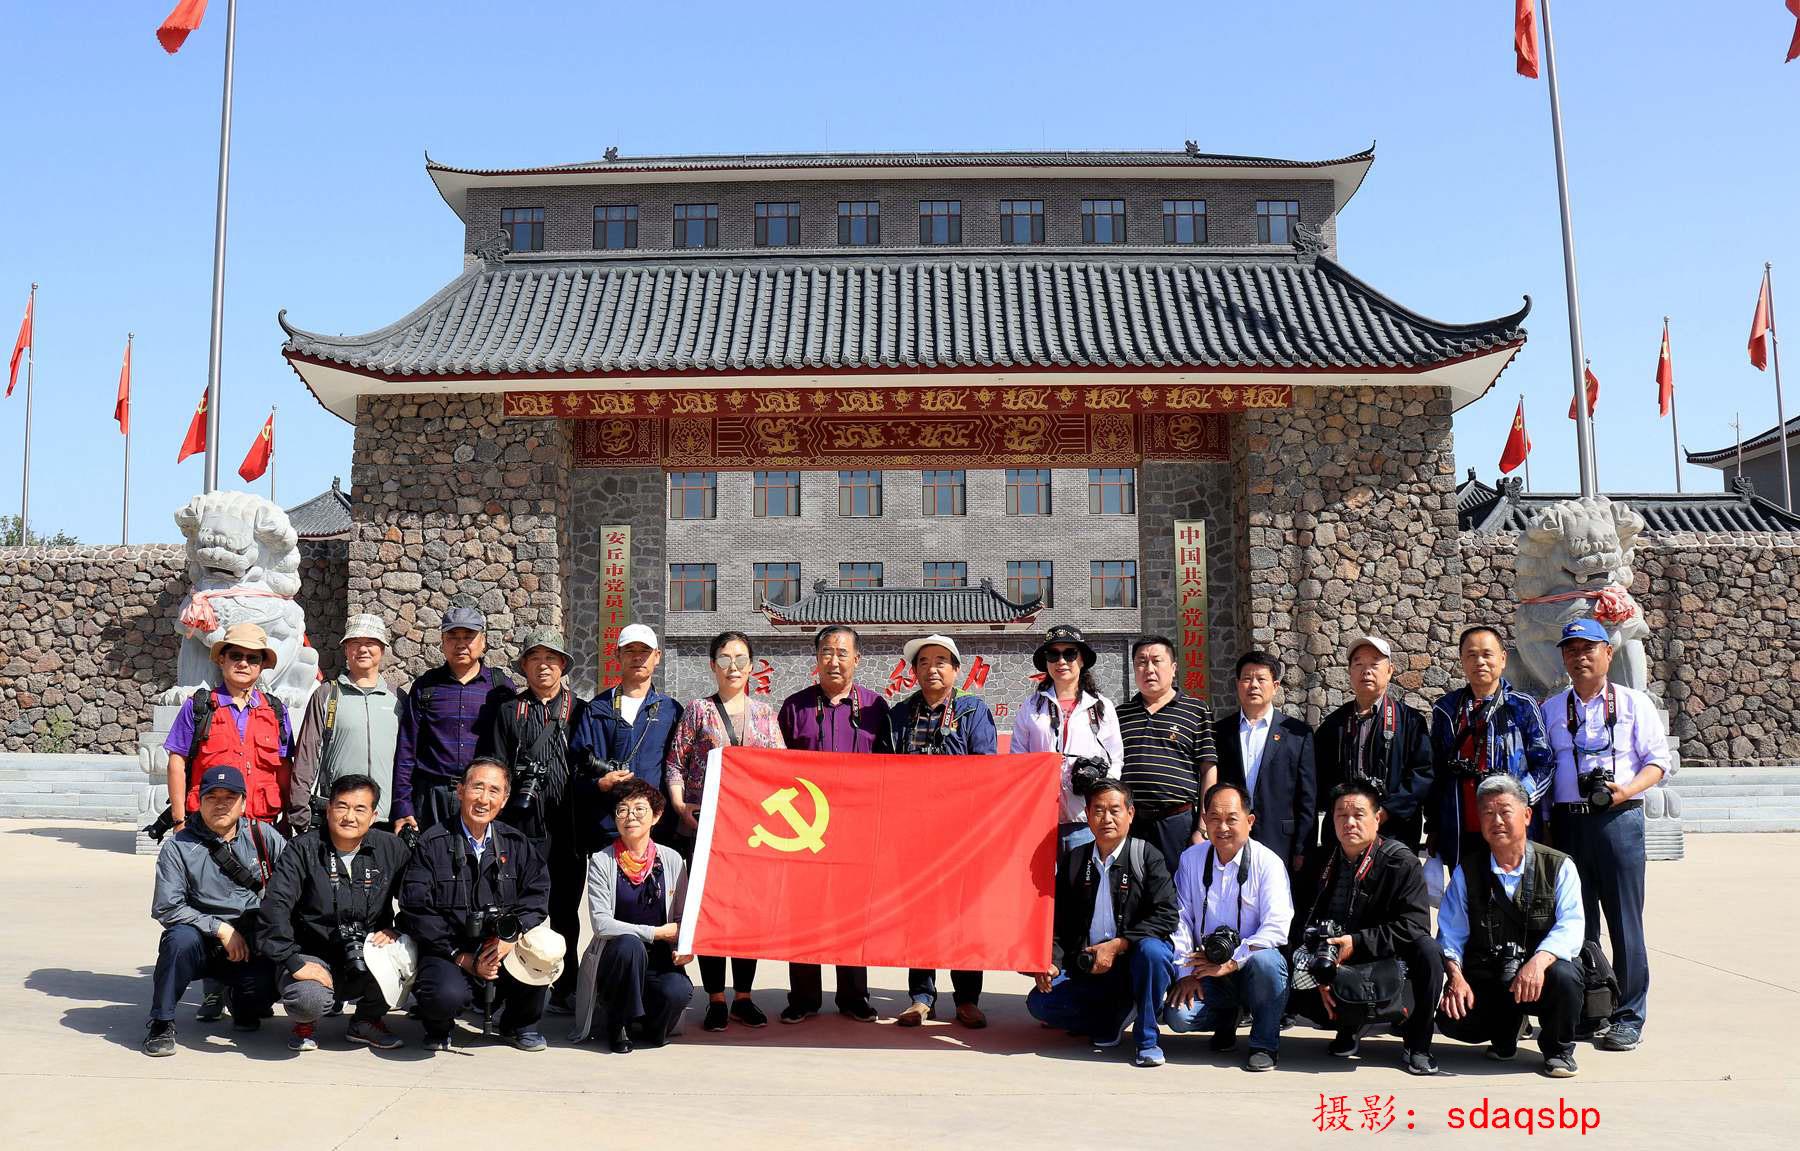 安丘市老年摄影学会等组织党员到党史教育馆参观